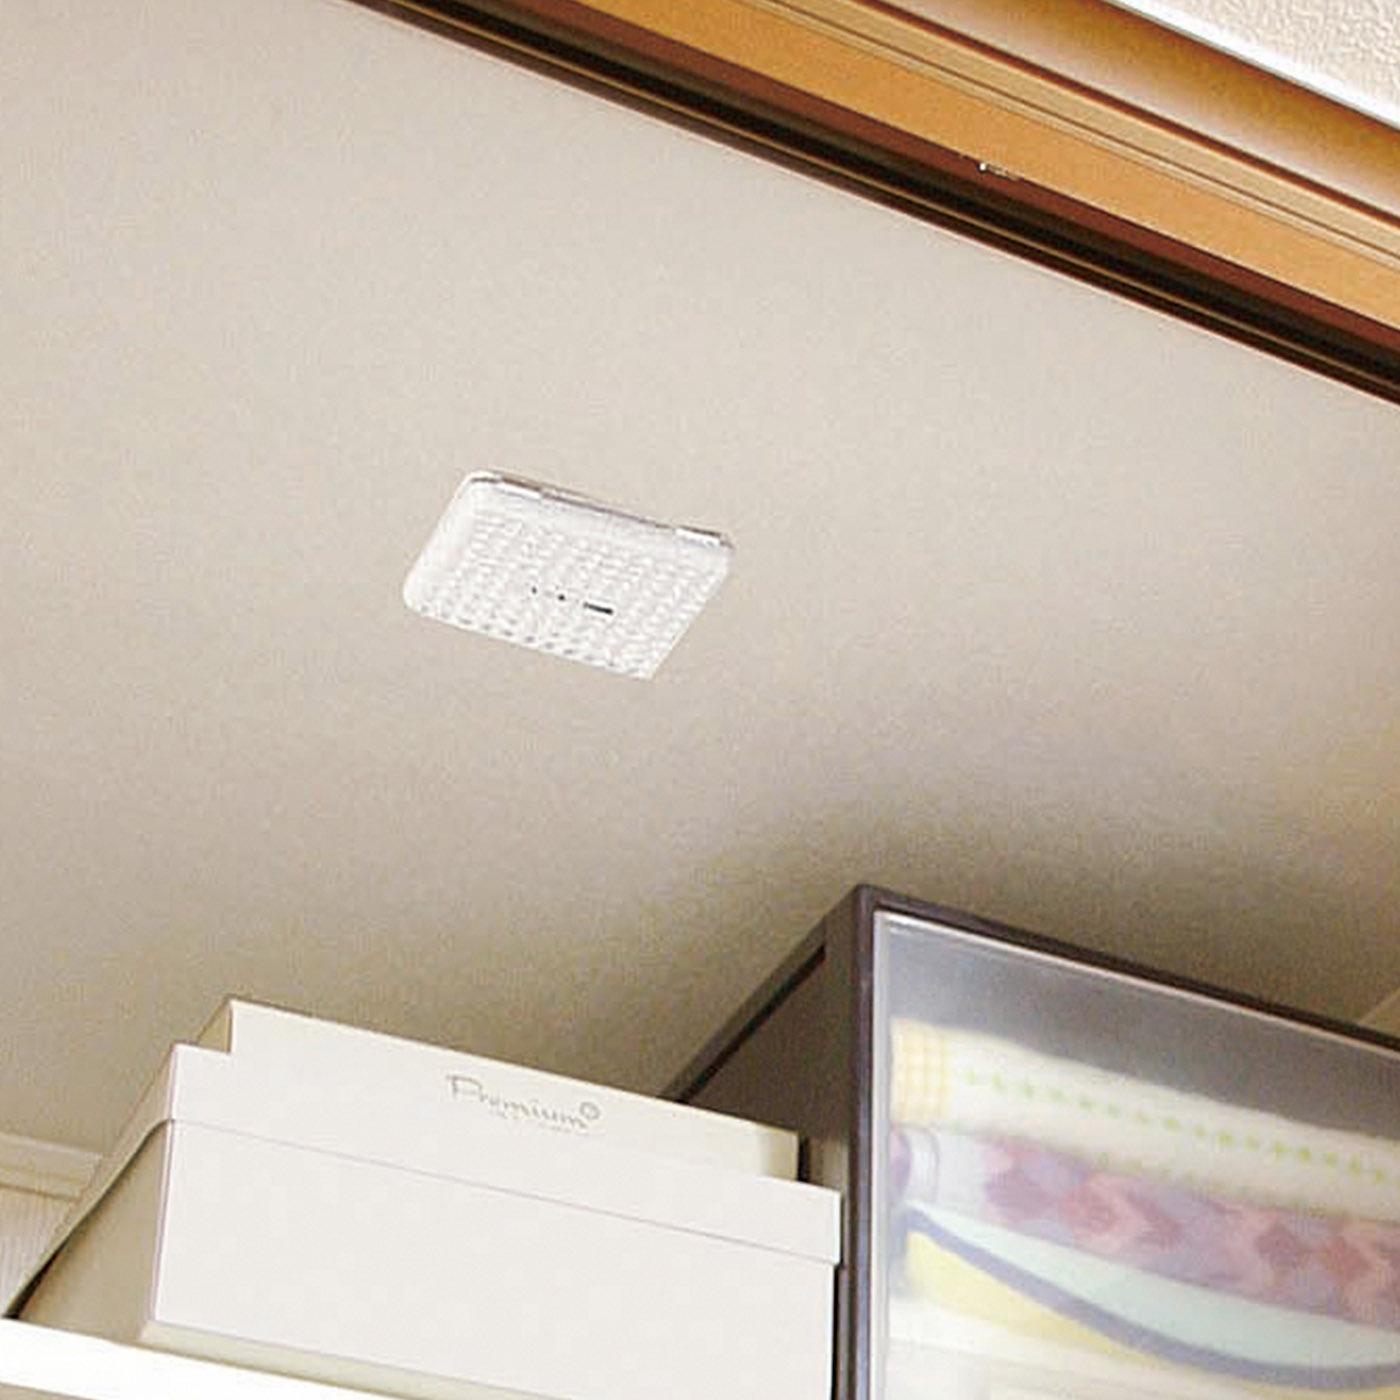 押し入れやクローゼットの天井にペタッと貼るだけでカビの発生を抑制。